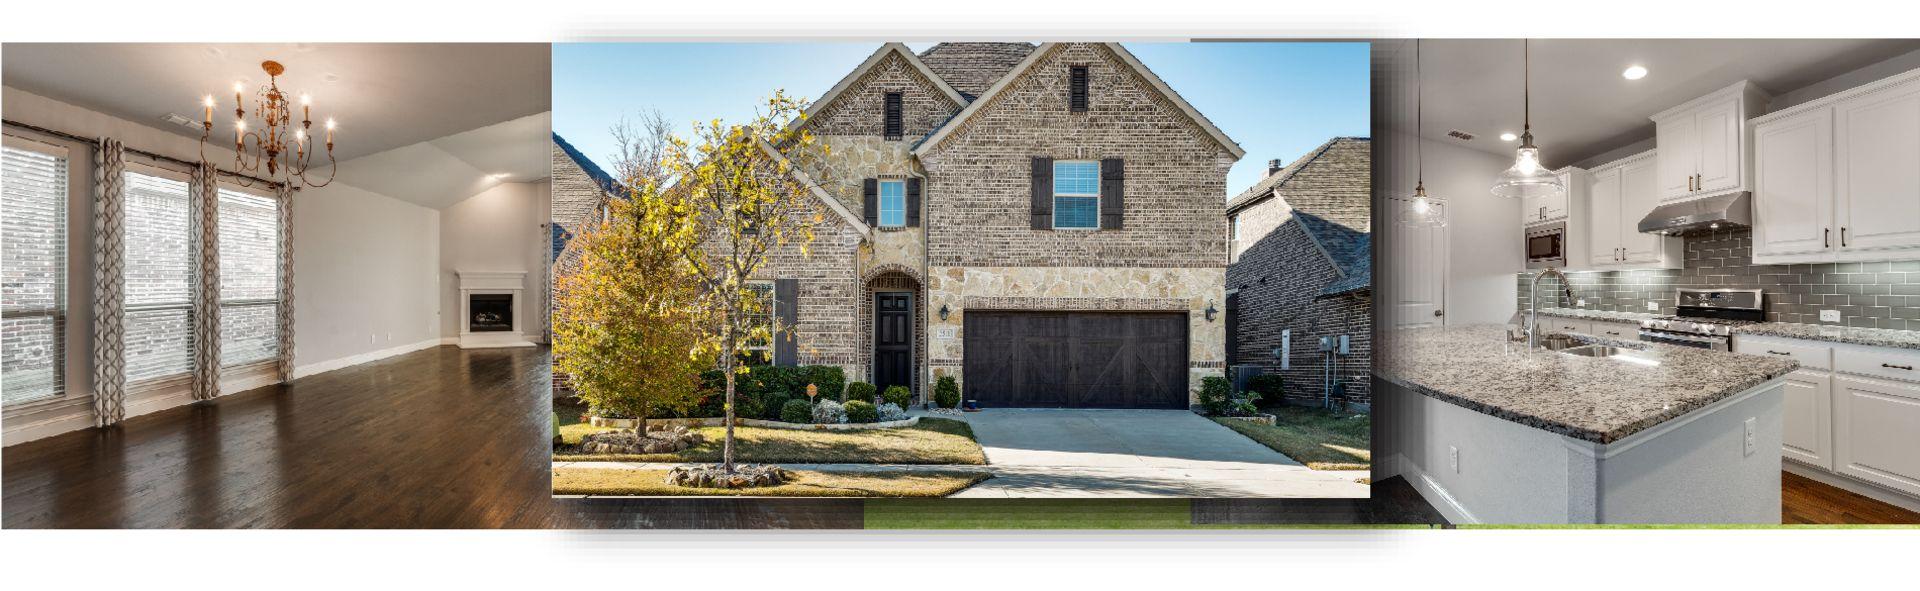 3511 Fieldview Court, Celina TX